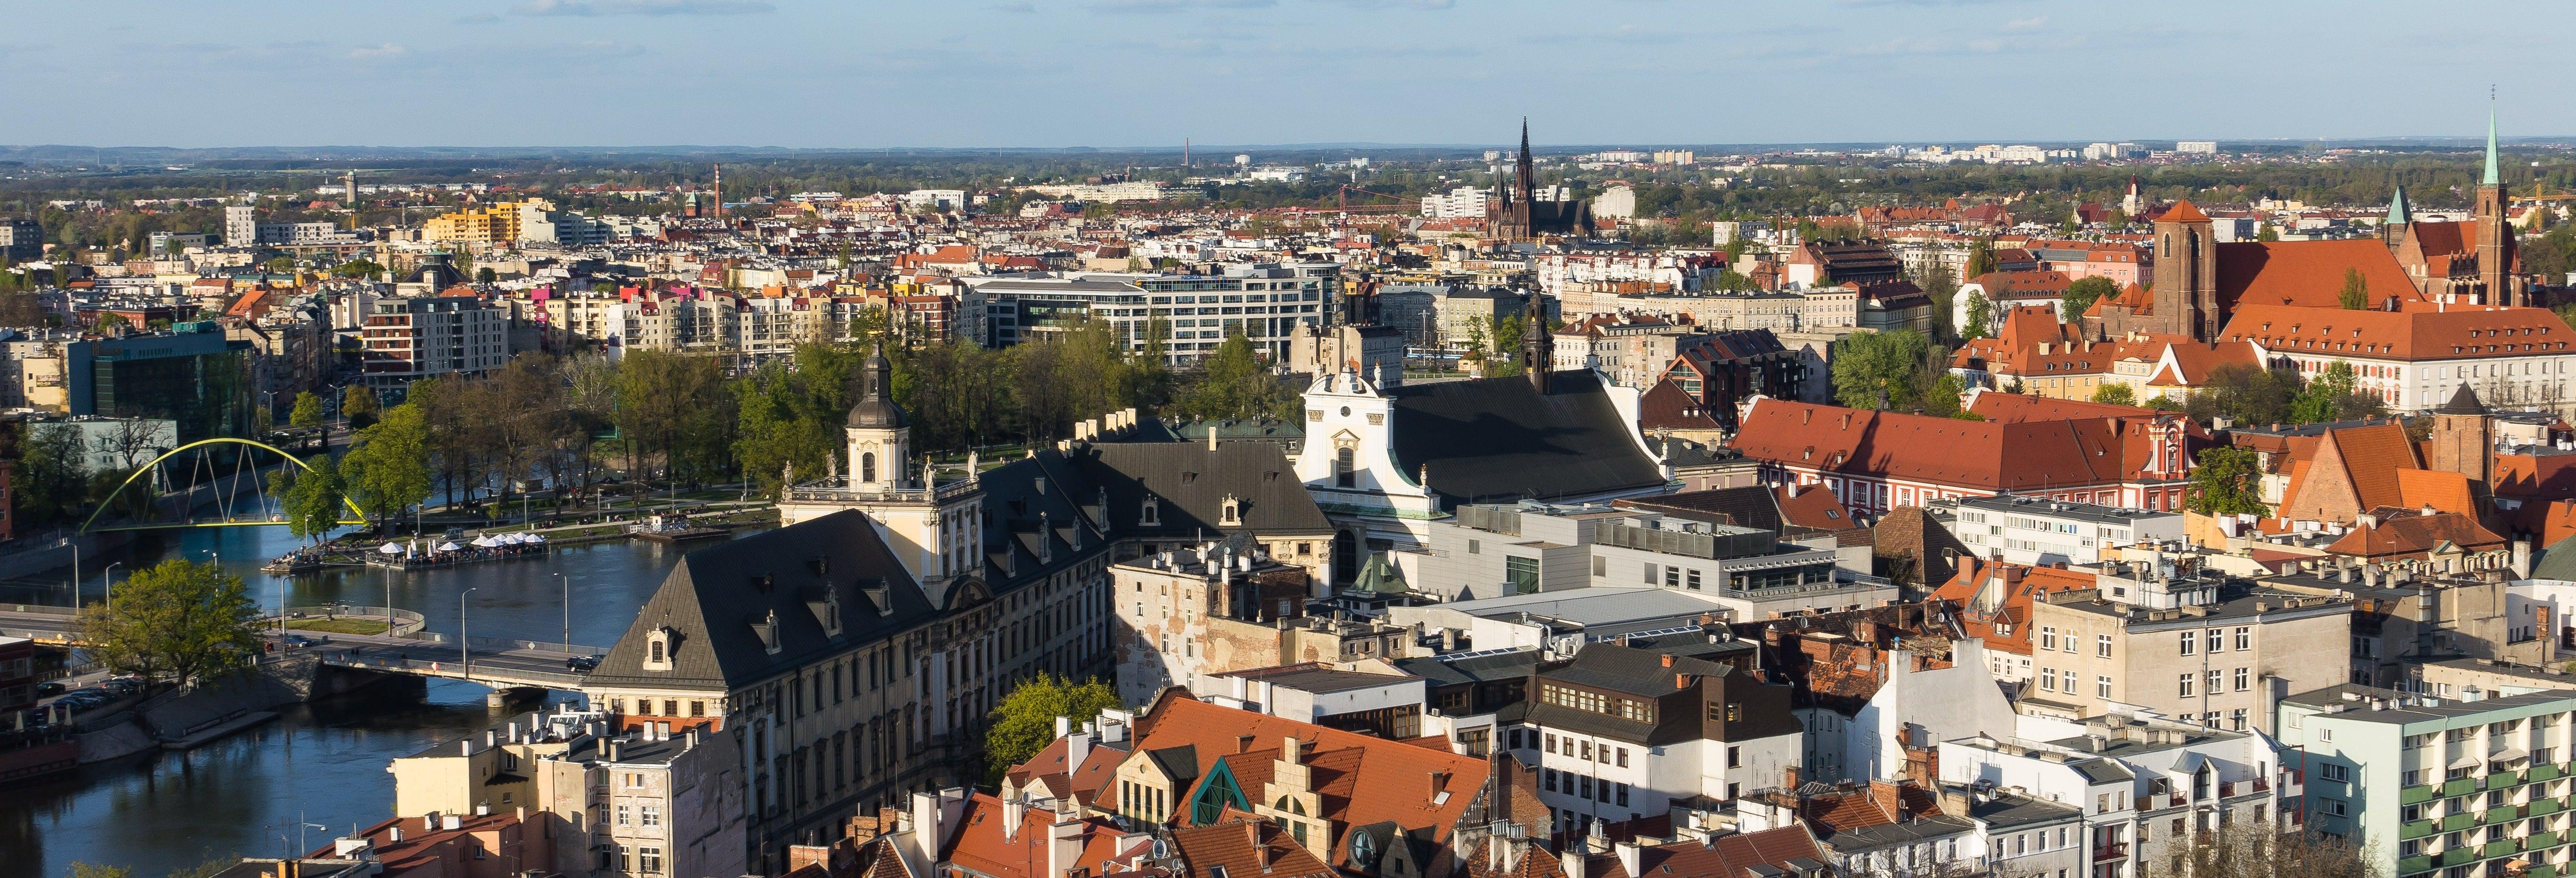 Visite privée dans Wroclaw avec guide francophone